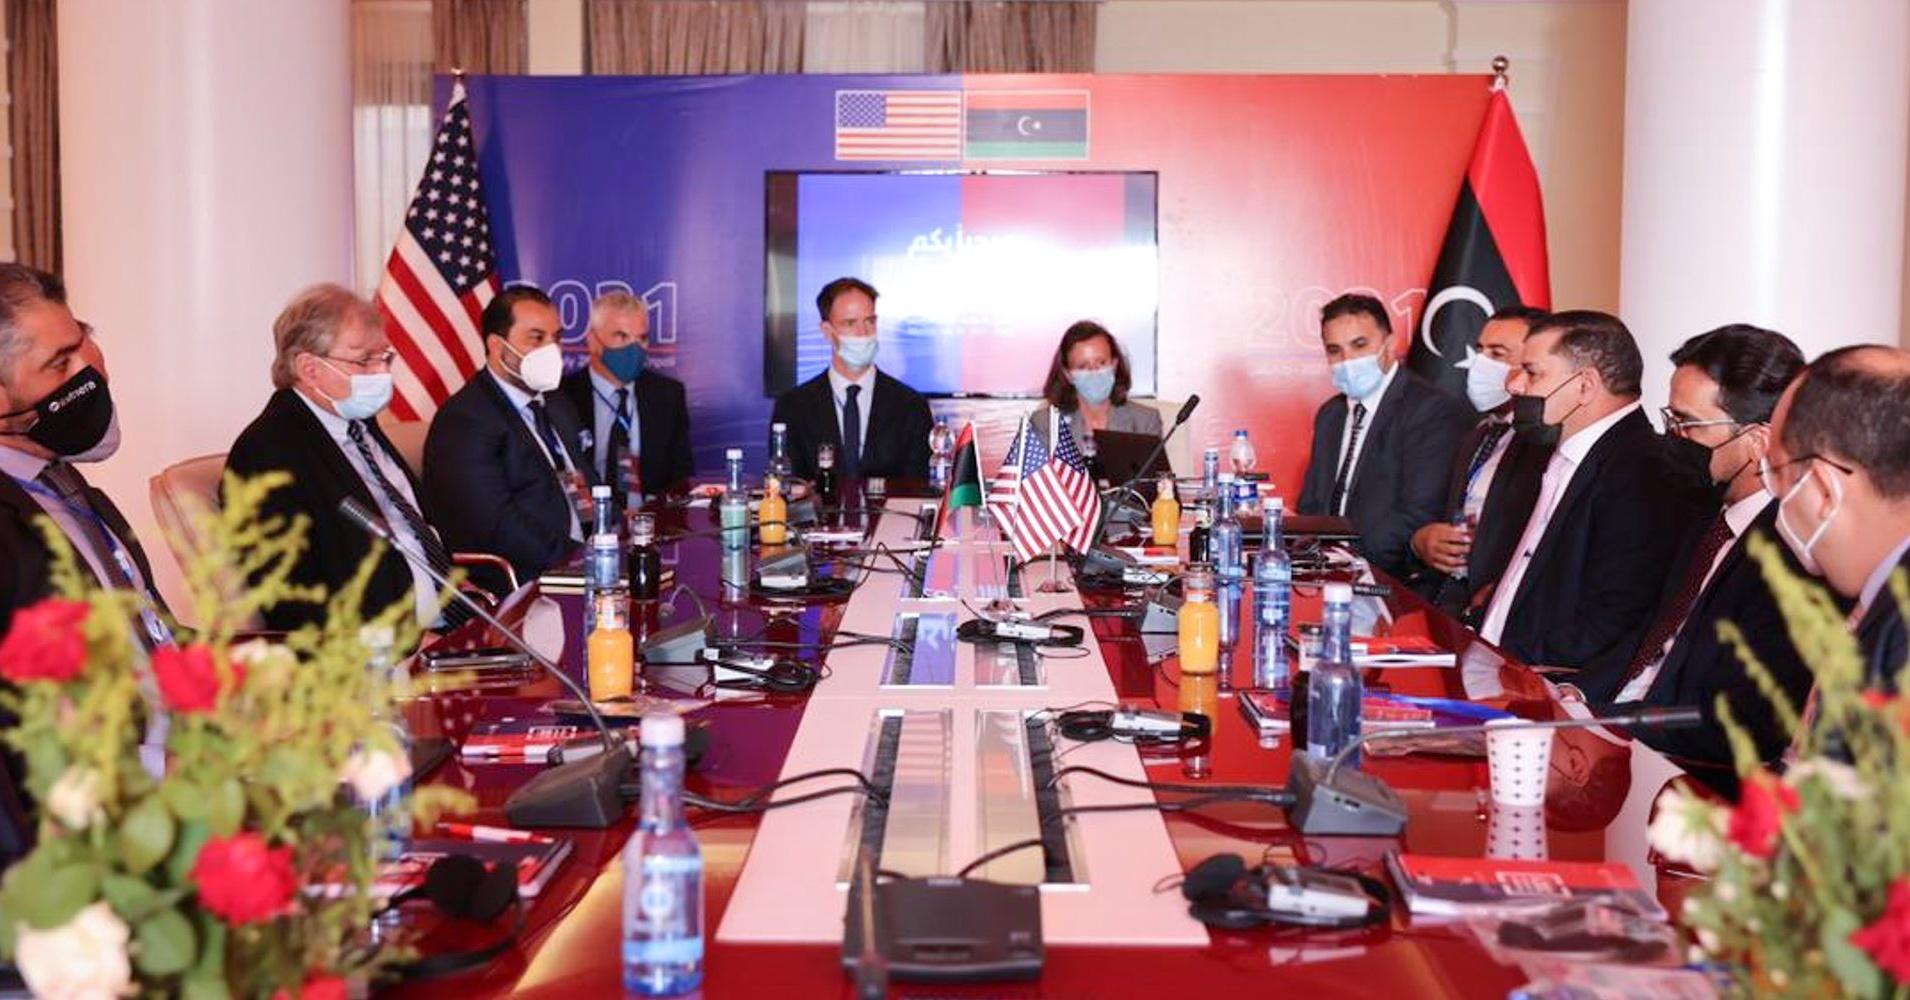 مائدة مستديرة مع غرفة التجارة الأمريكية